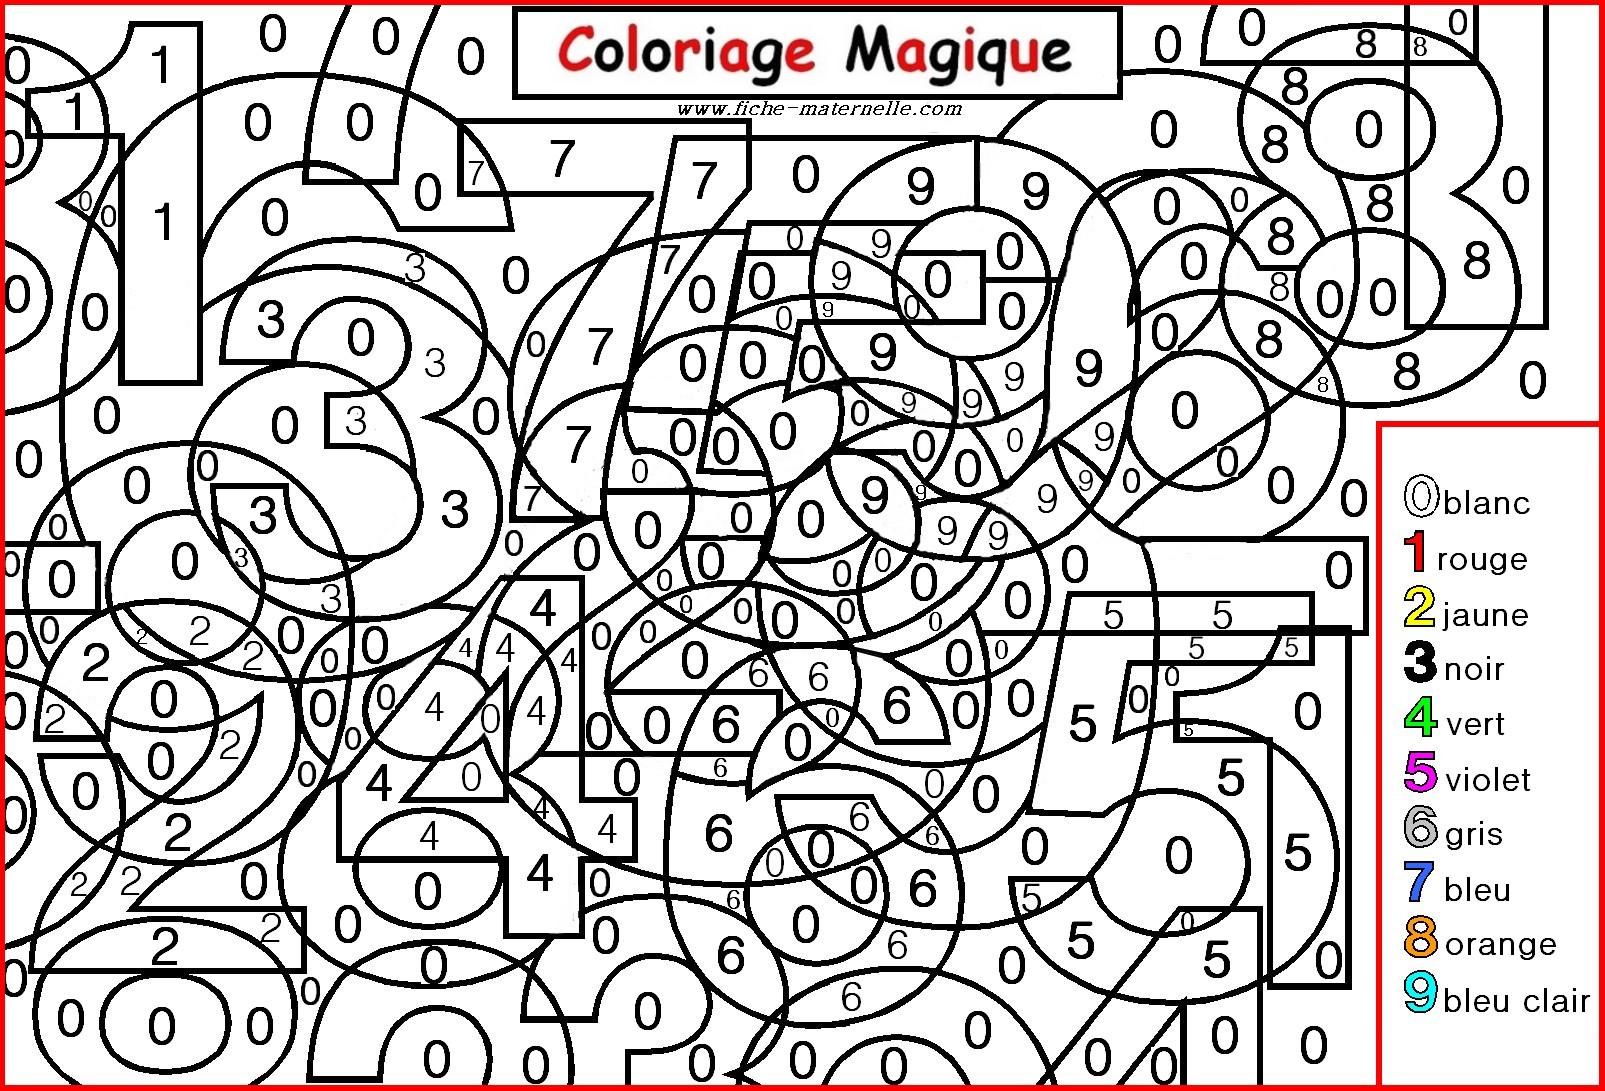 66 dessins de coloriage magique imprimer sur laguerche - Dessin avec des chiffres ...